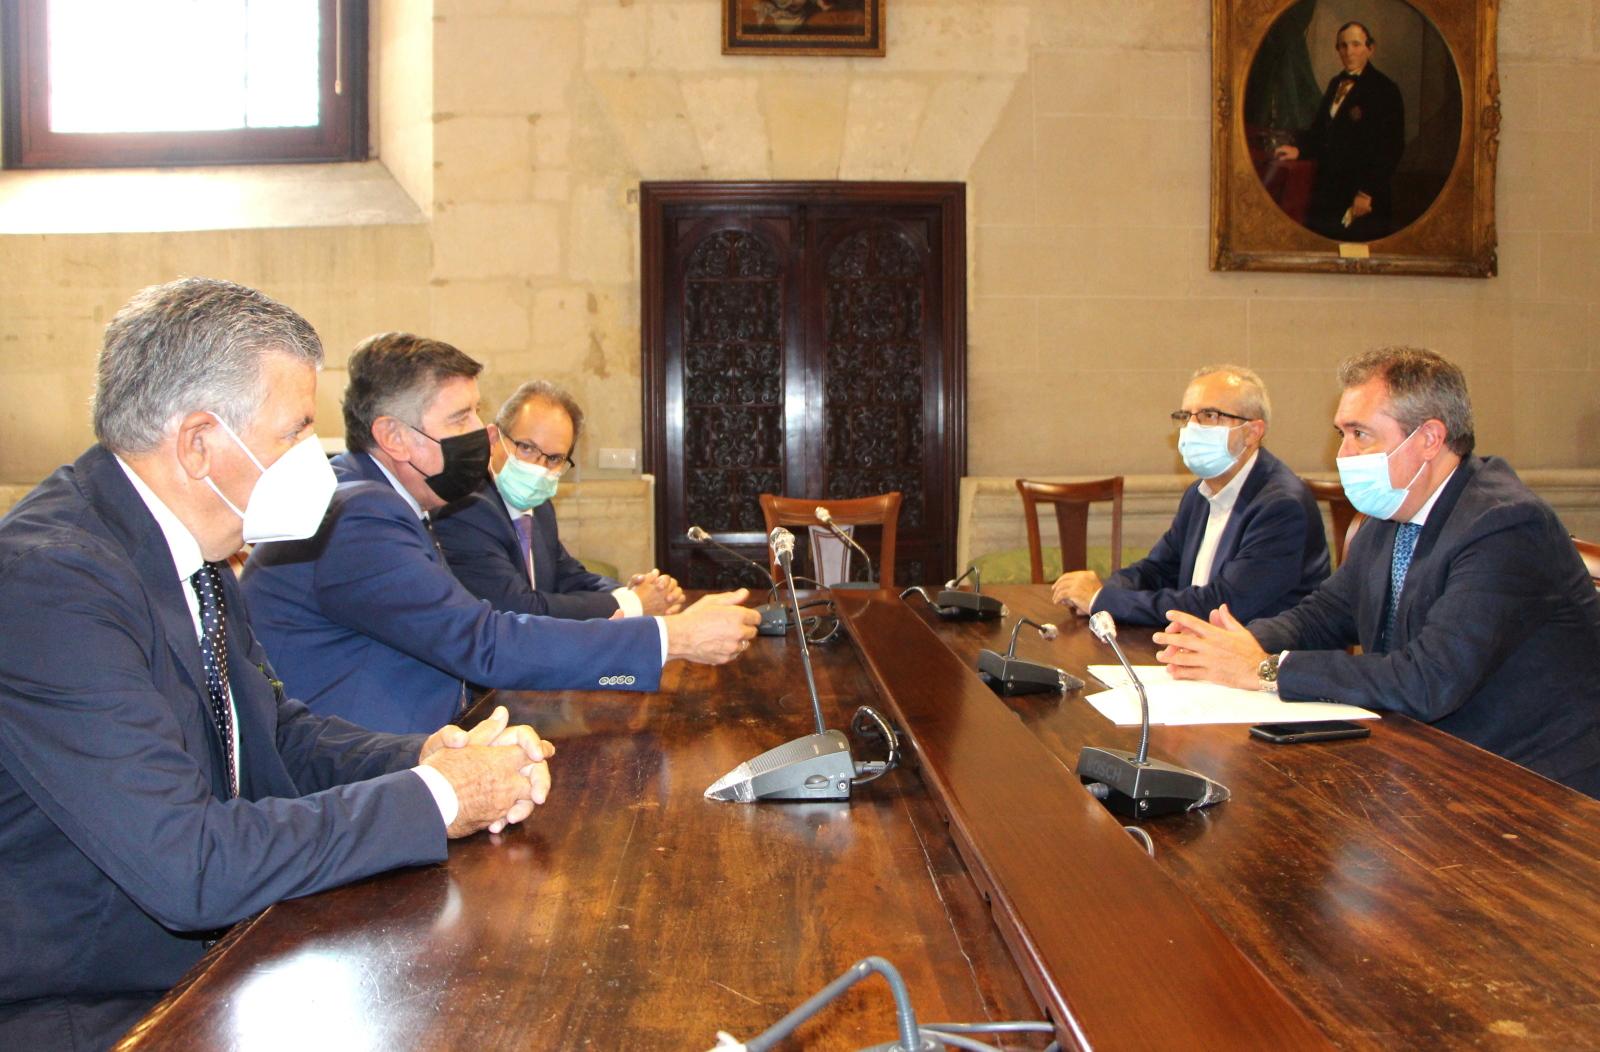 El Colegio de Farmacéuticos aborda con el alcalde de Sevilla las próximas citas mundiales de la profesión que acogerá la ciudad y el papel de los farmacéuticos en la pandemia